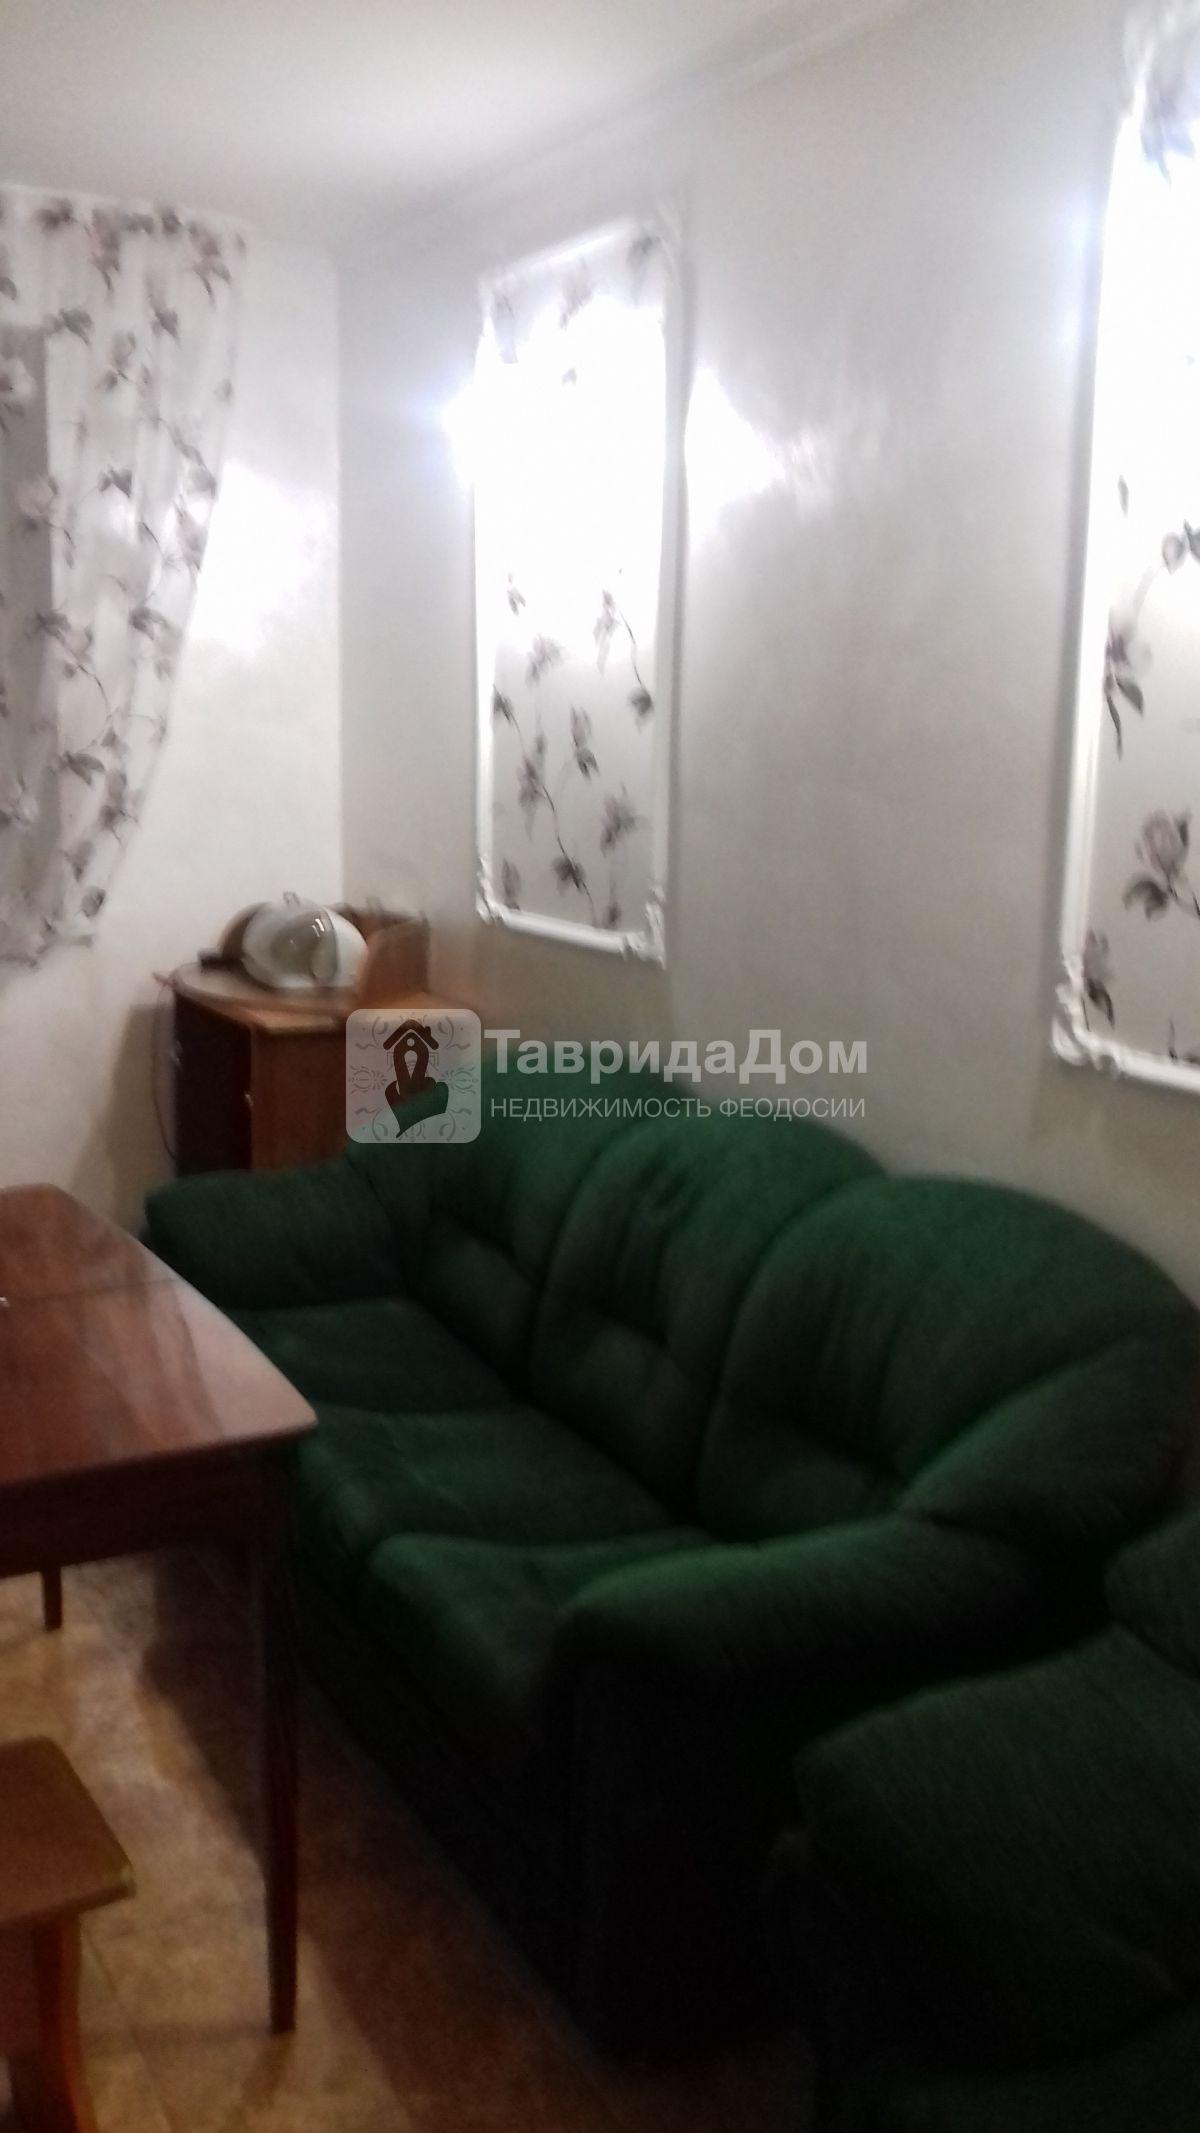 Дом в аренду по адресу Россия, Республика Крым, Феодосия